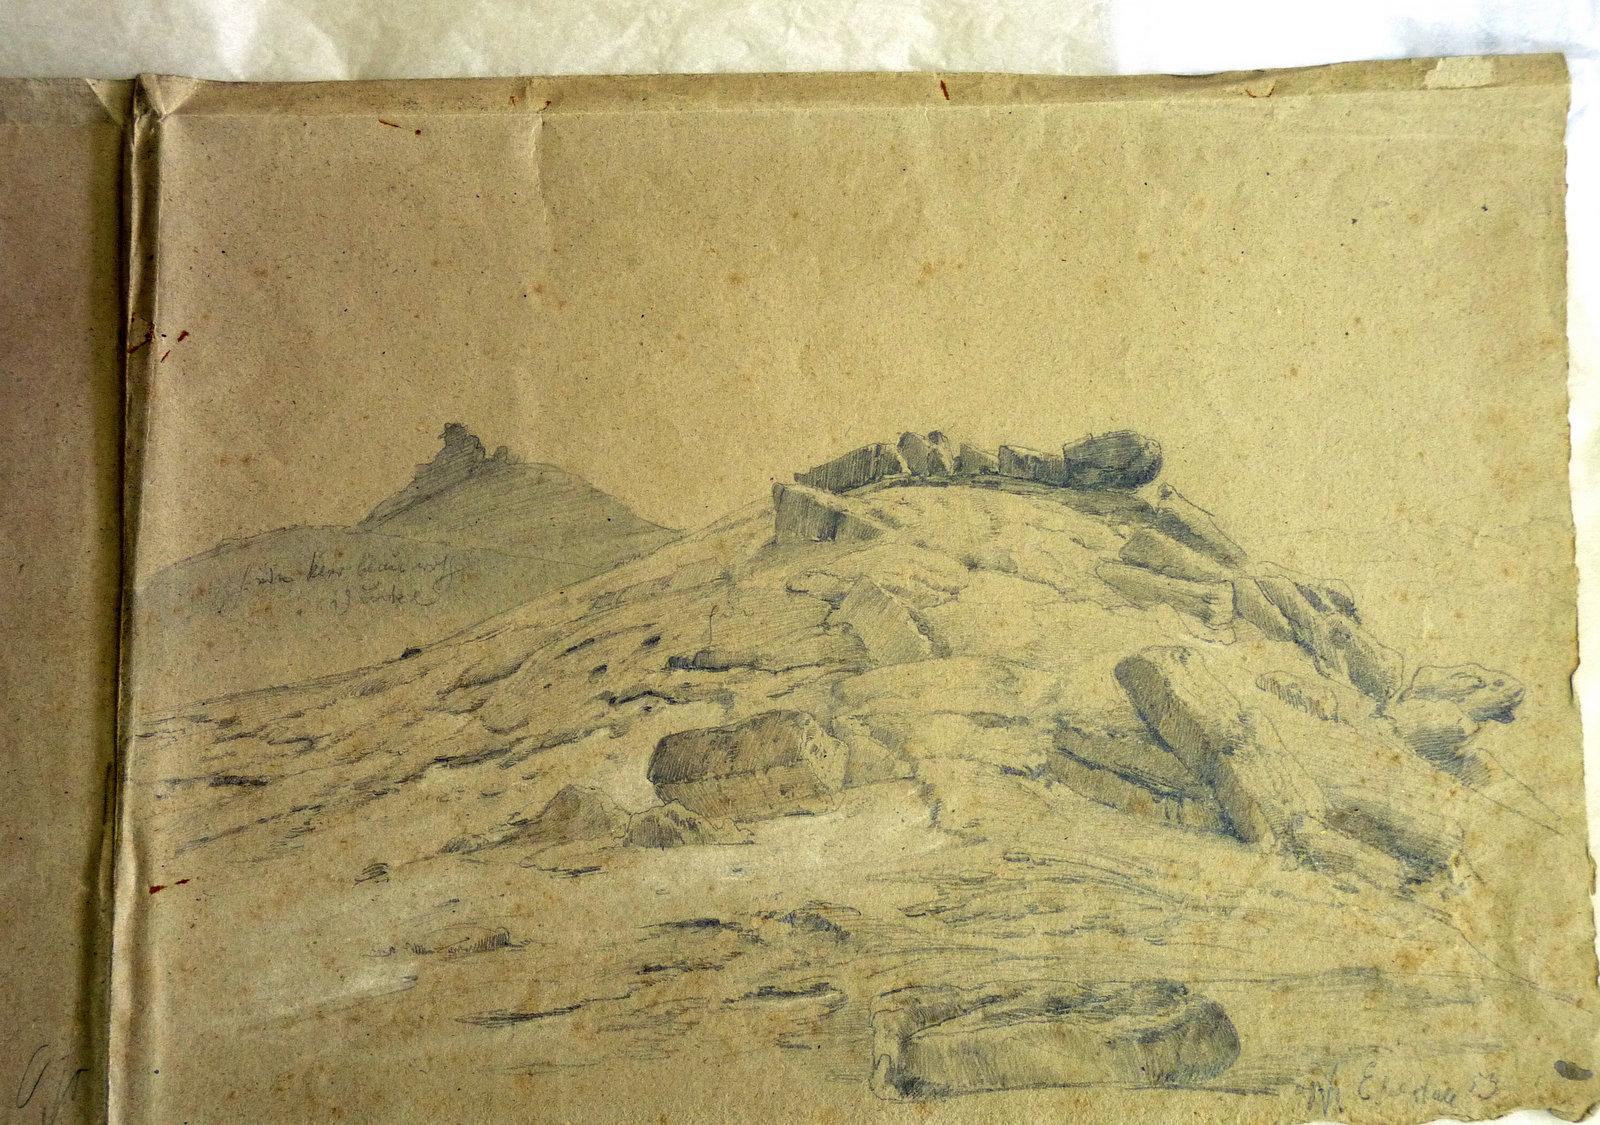 Steine in der Nahe des Steinkreises (Skizze von Steuerwald)